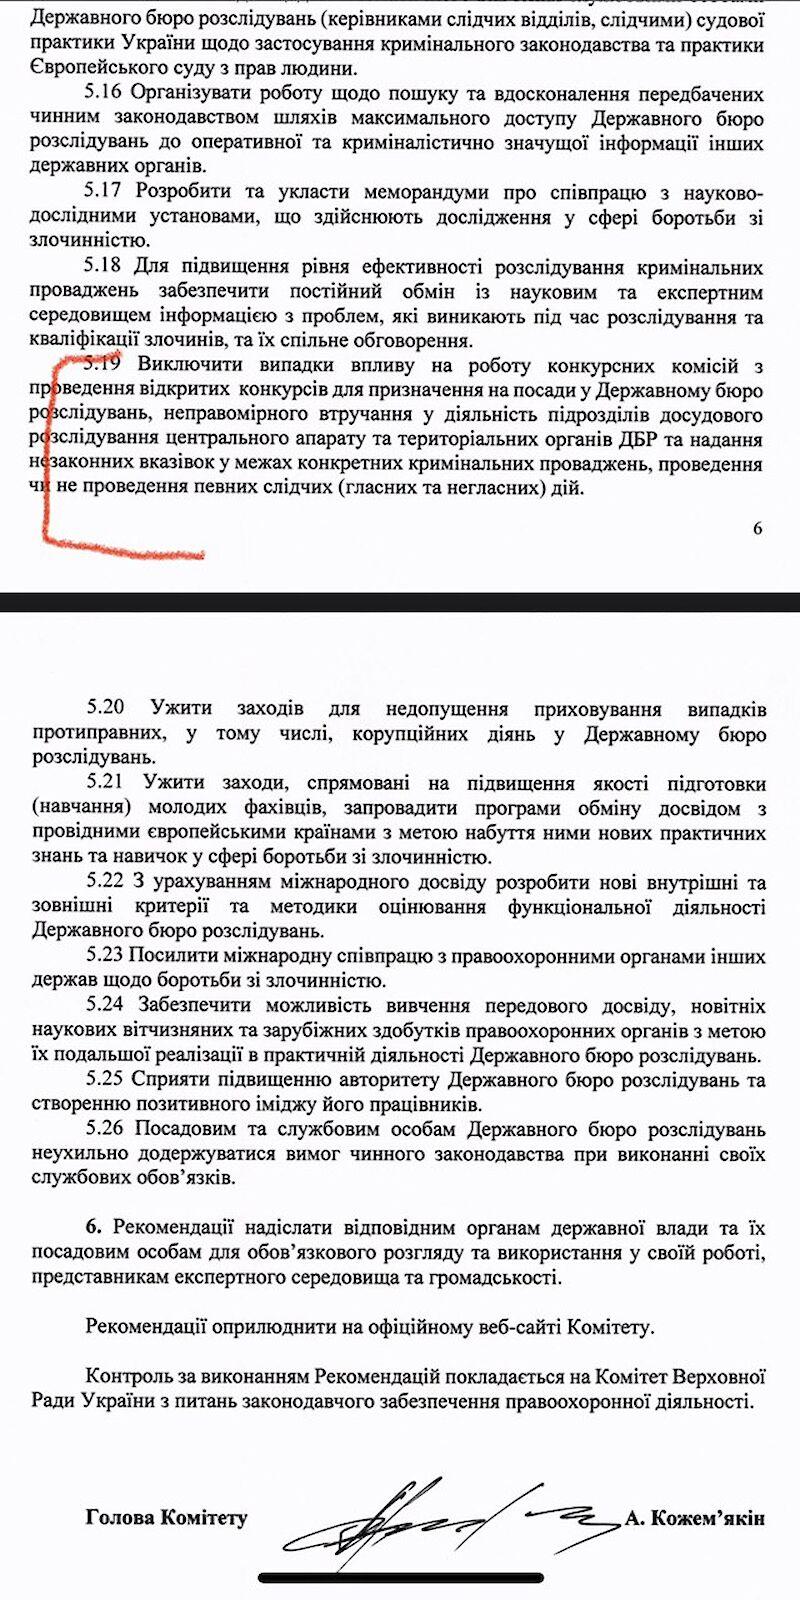 """Соколов поручил """"сливать"""" материалы о преступлениях, поступающих в ГБР, его патронатной службе, - адвокат"""